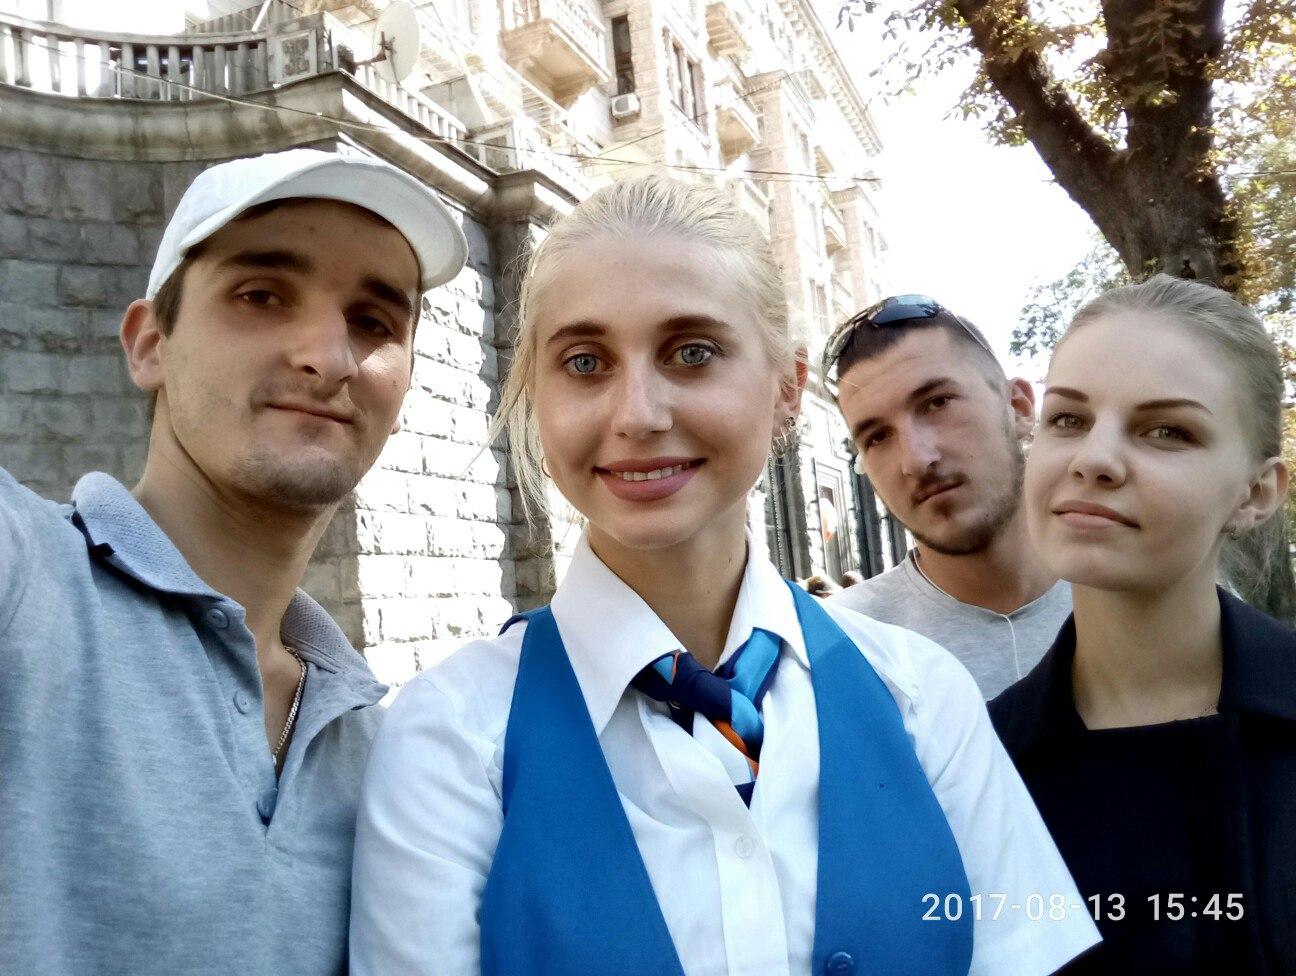 Встречусь сегодня с женщиной киев фото 434-28